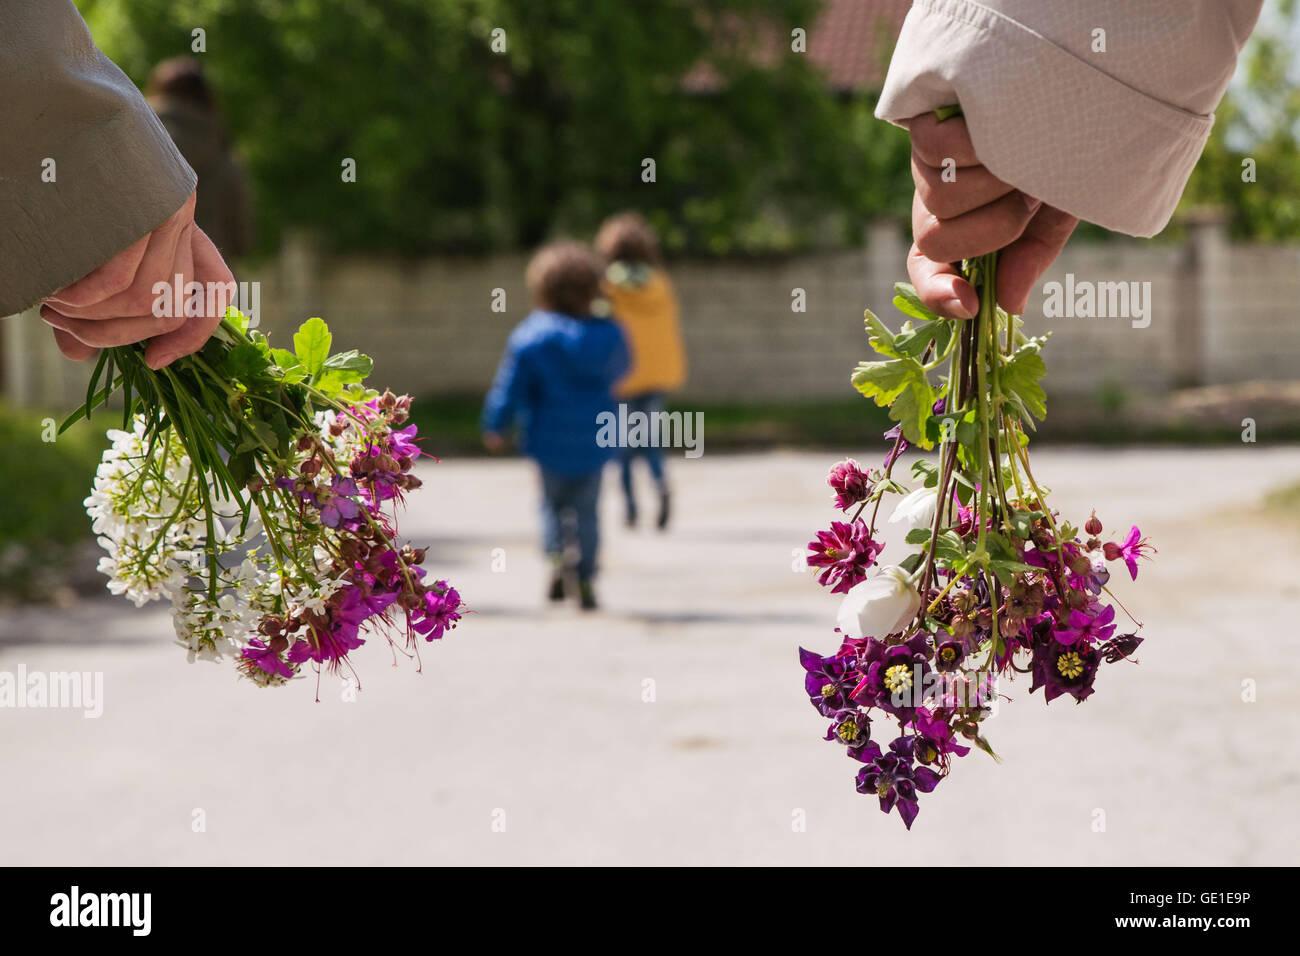 Dos mujeres y dos niños ir a caminar sosteniendo flores Imagen De Stock